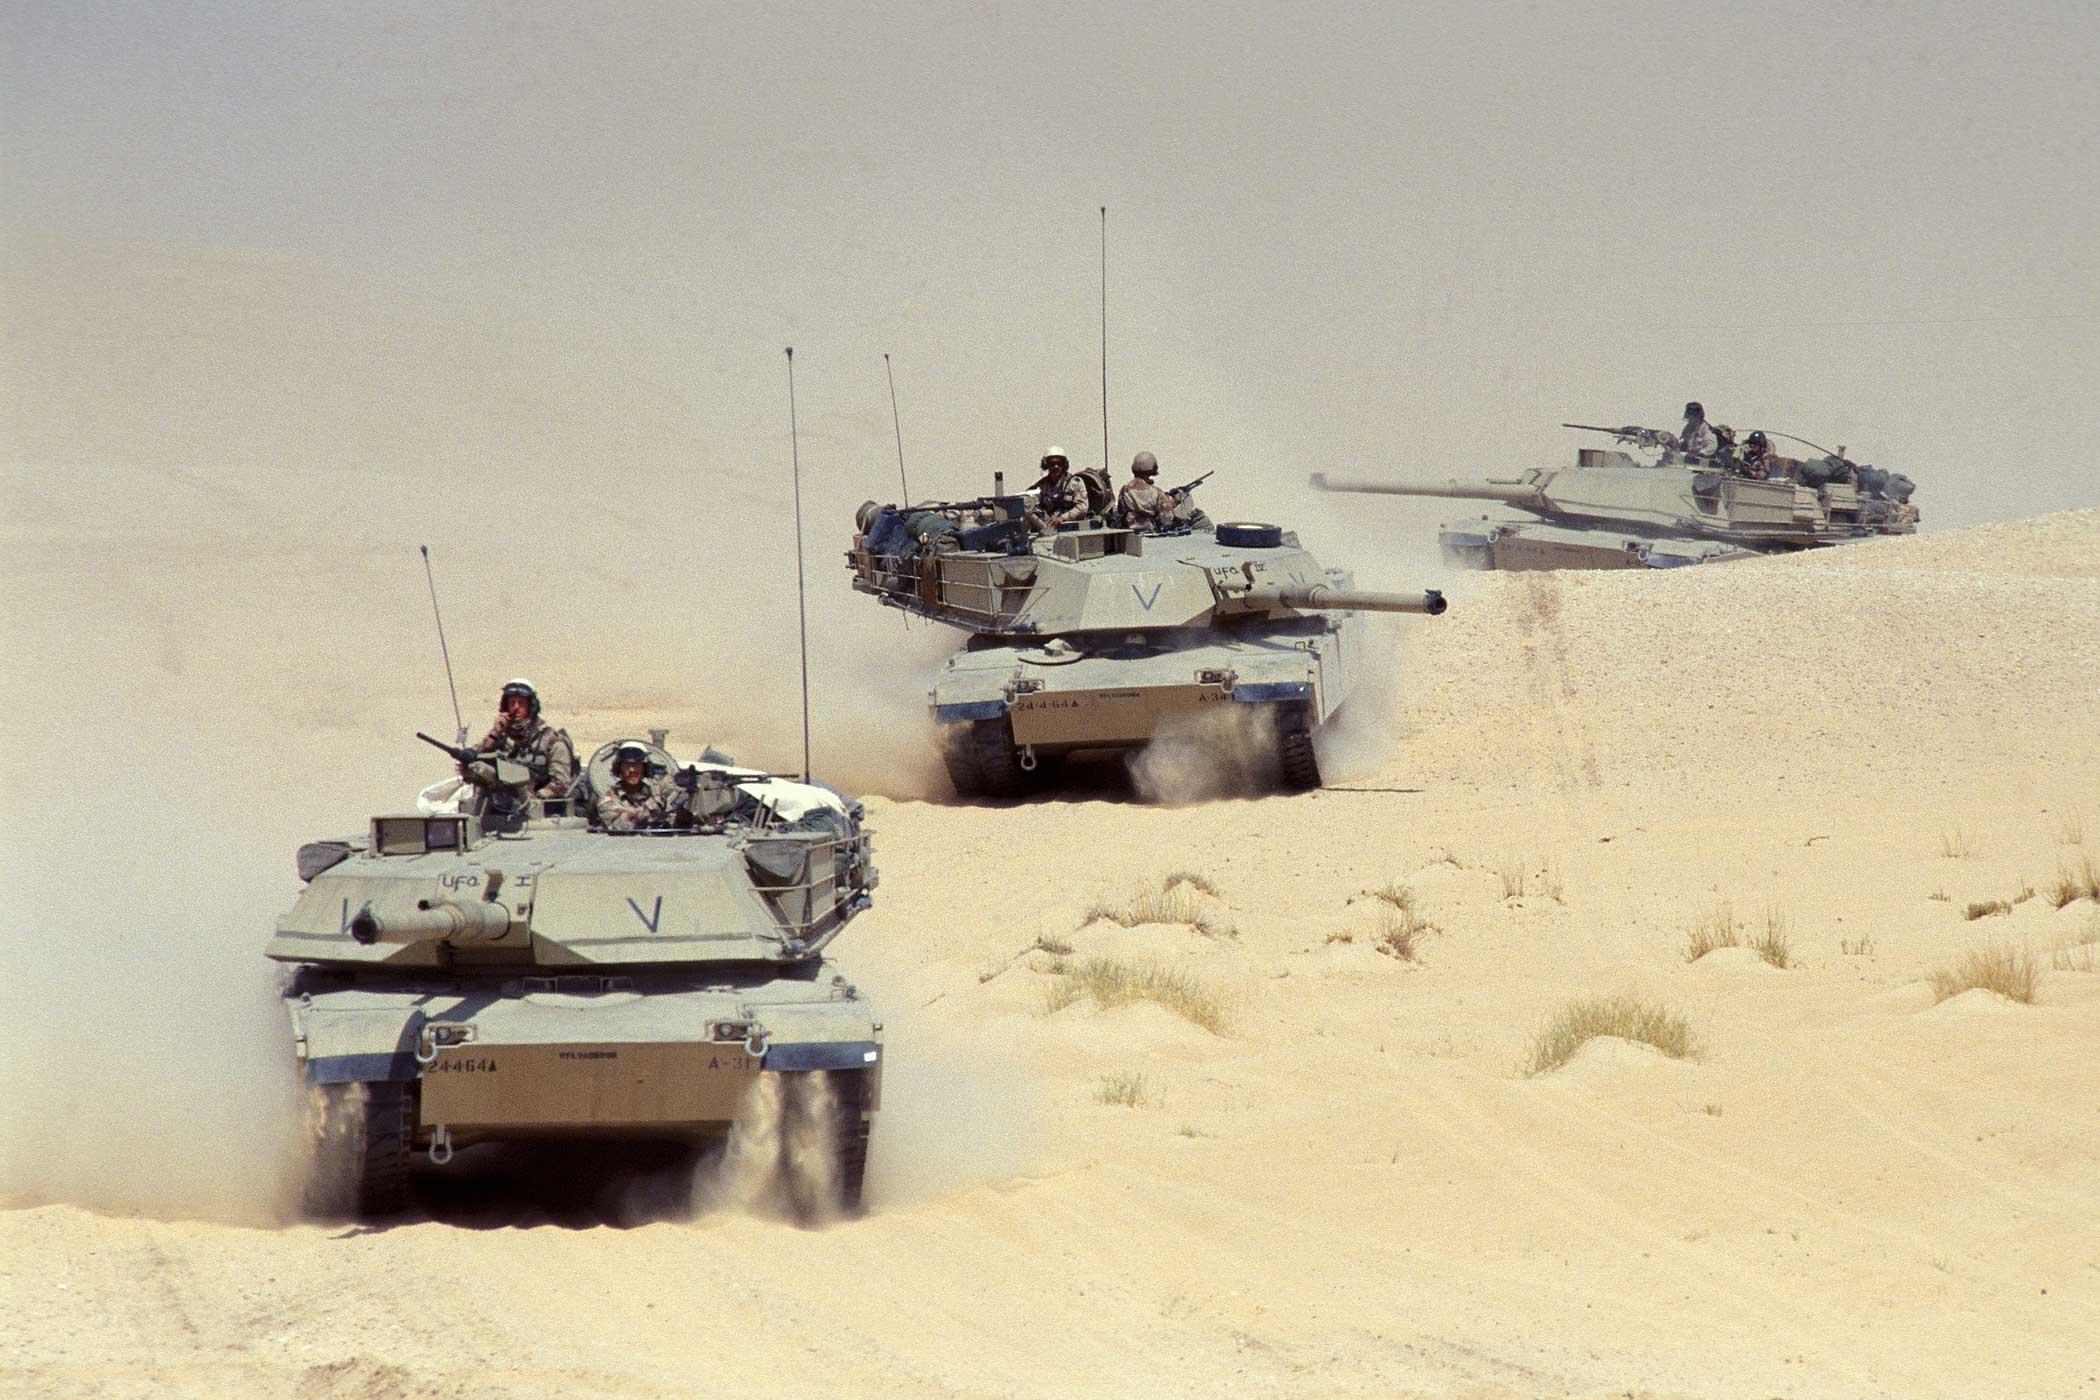 U.S. M-1 tanks in the desert in Saudi Arabia on September 13th, 1990.